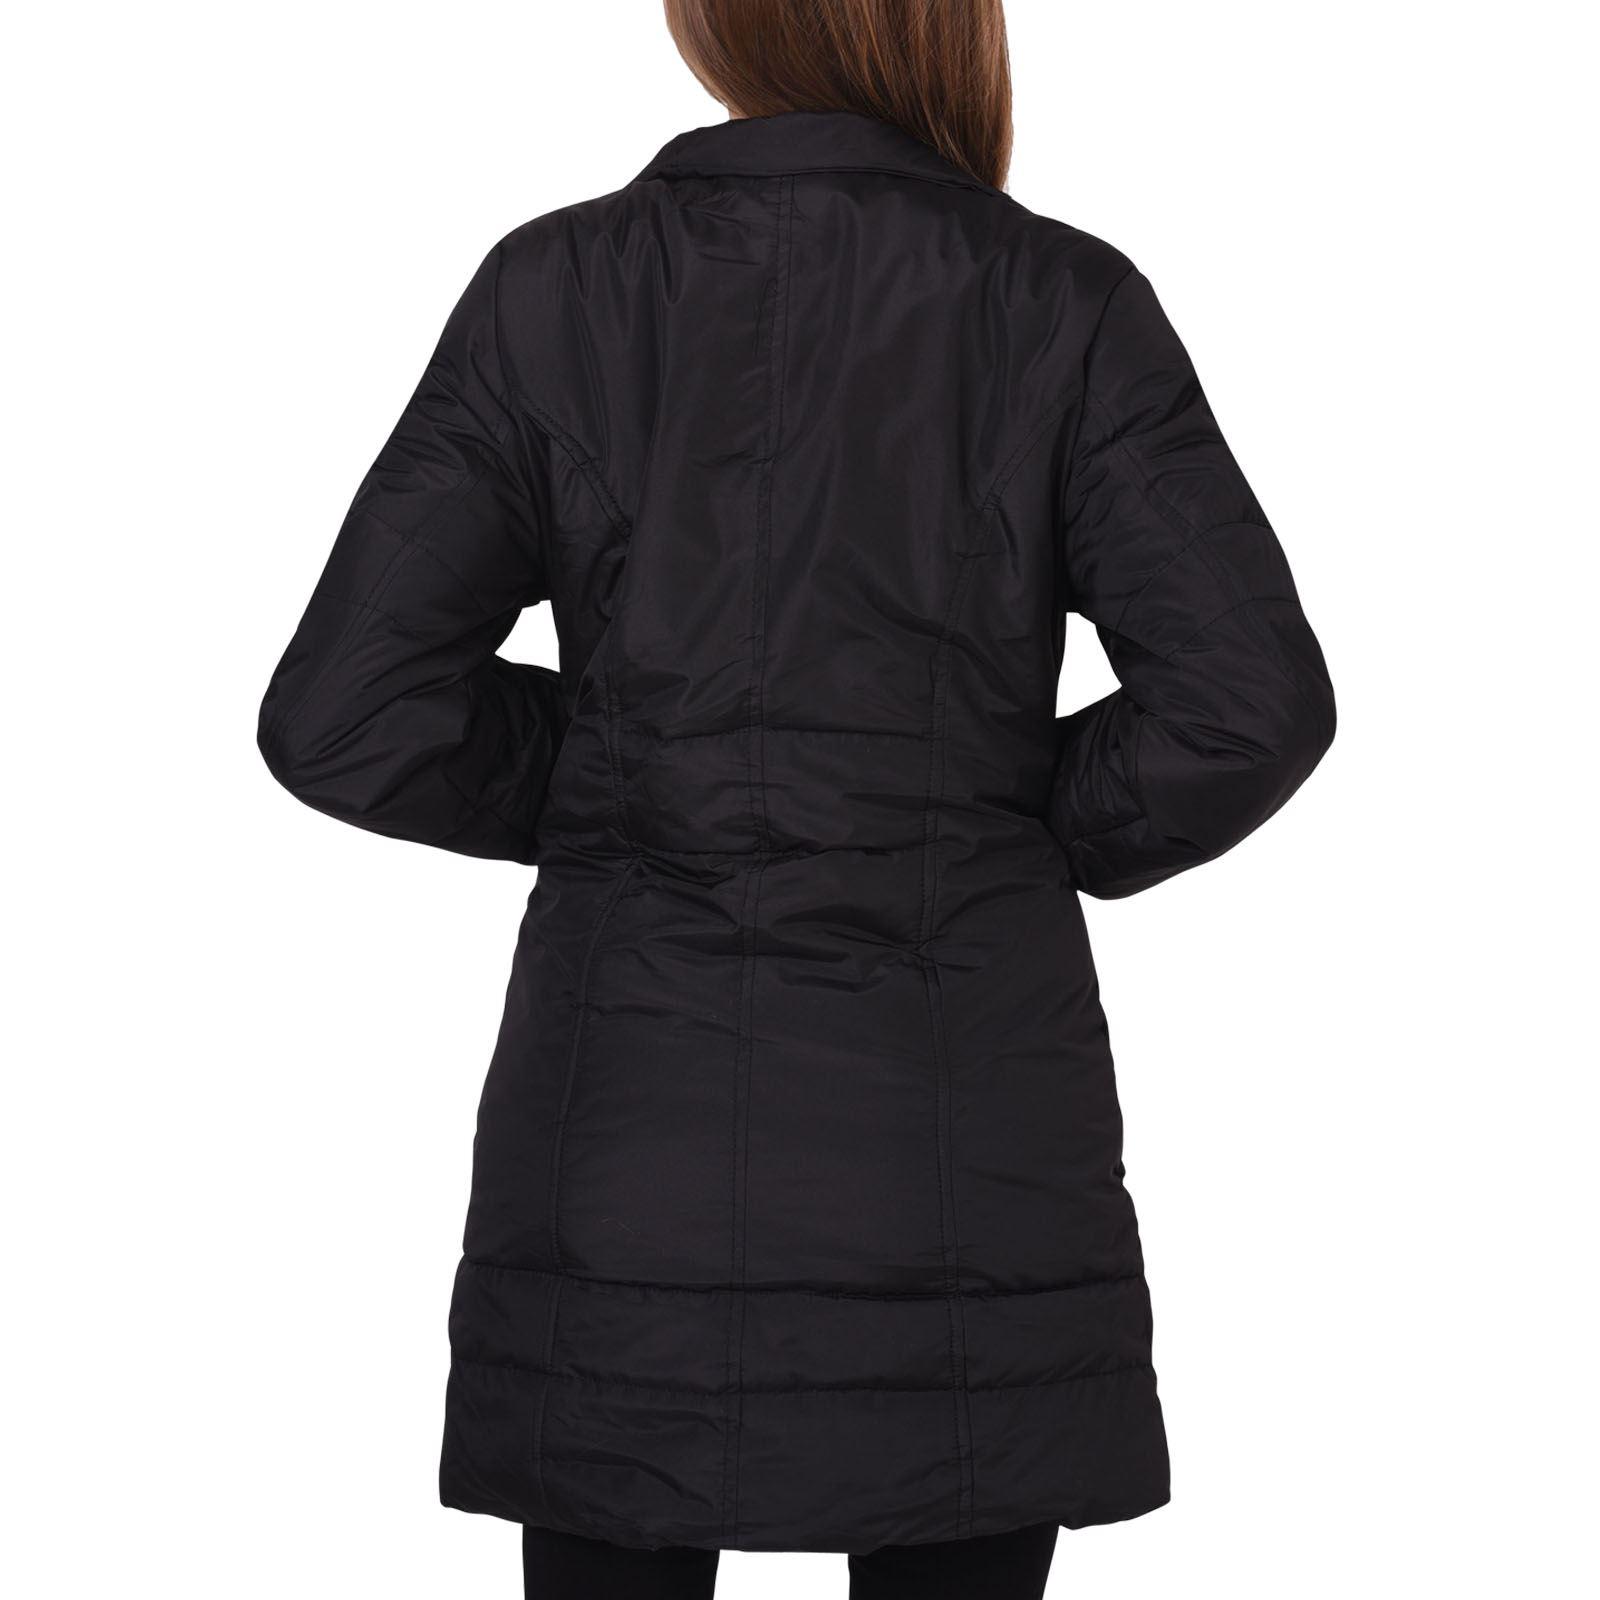 femmes manteau doudoune blouson jacket capuche fausse. Black Bedroom Furniture Sets. Home Design Ideas